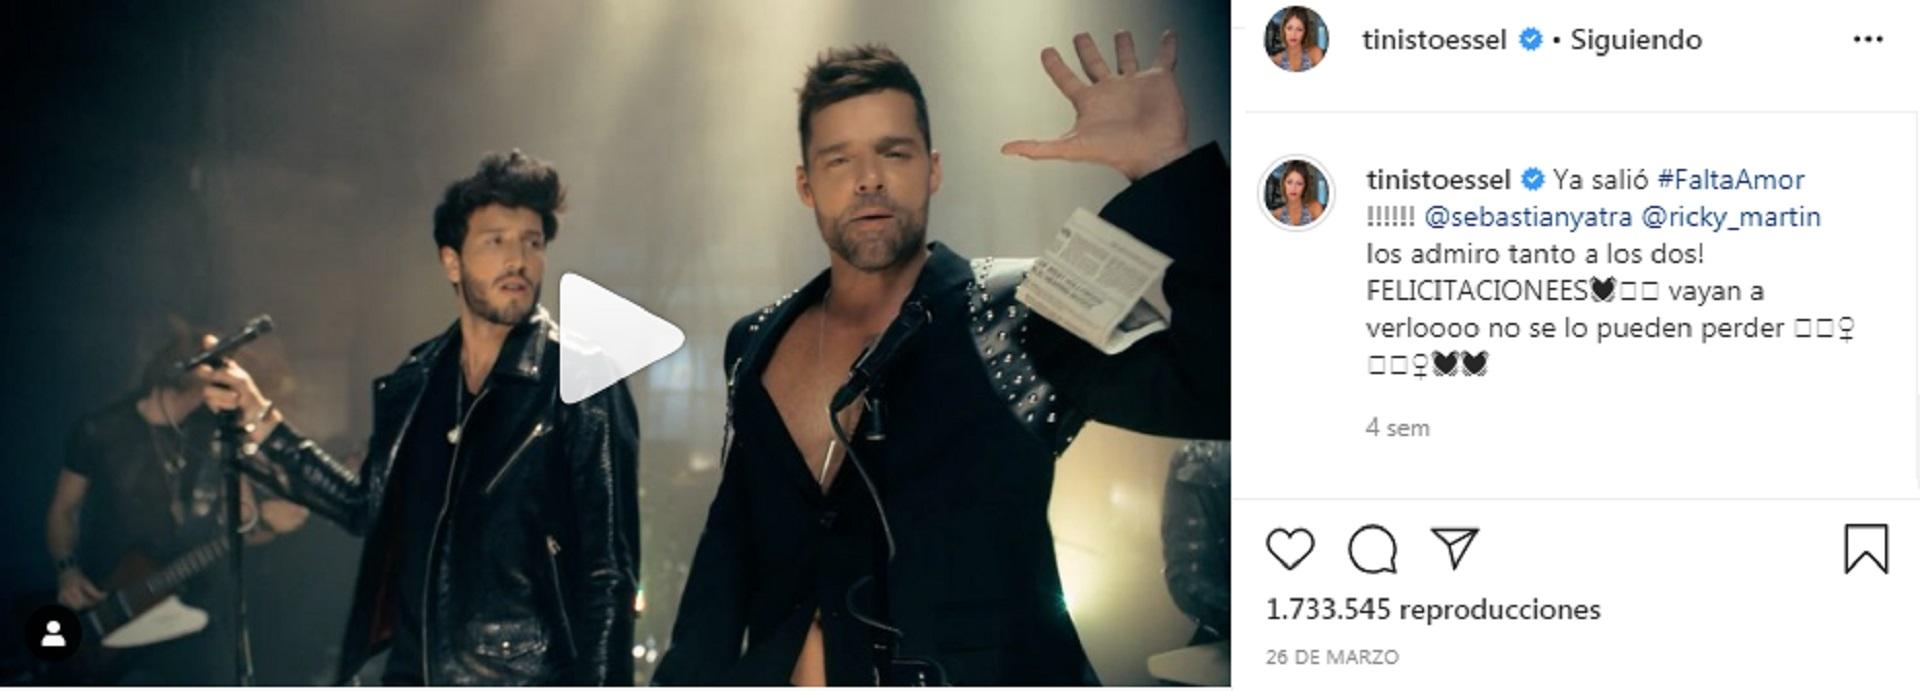 El último mensaje de Tini sobre Sebastián en sus redes sociales fue el 26 de marzo, cuando promocionó el nuevo tema que el cantante lanzó junto a Ricky Martin